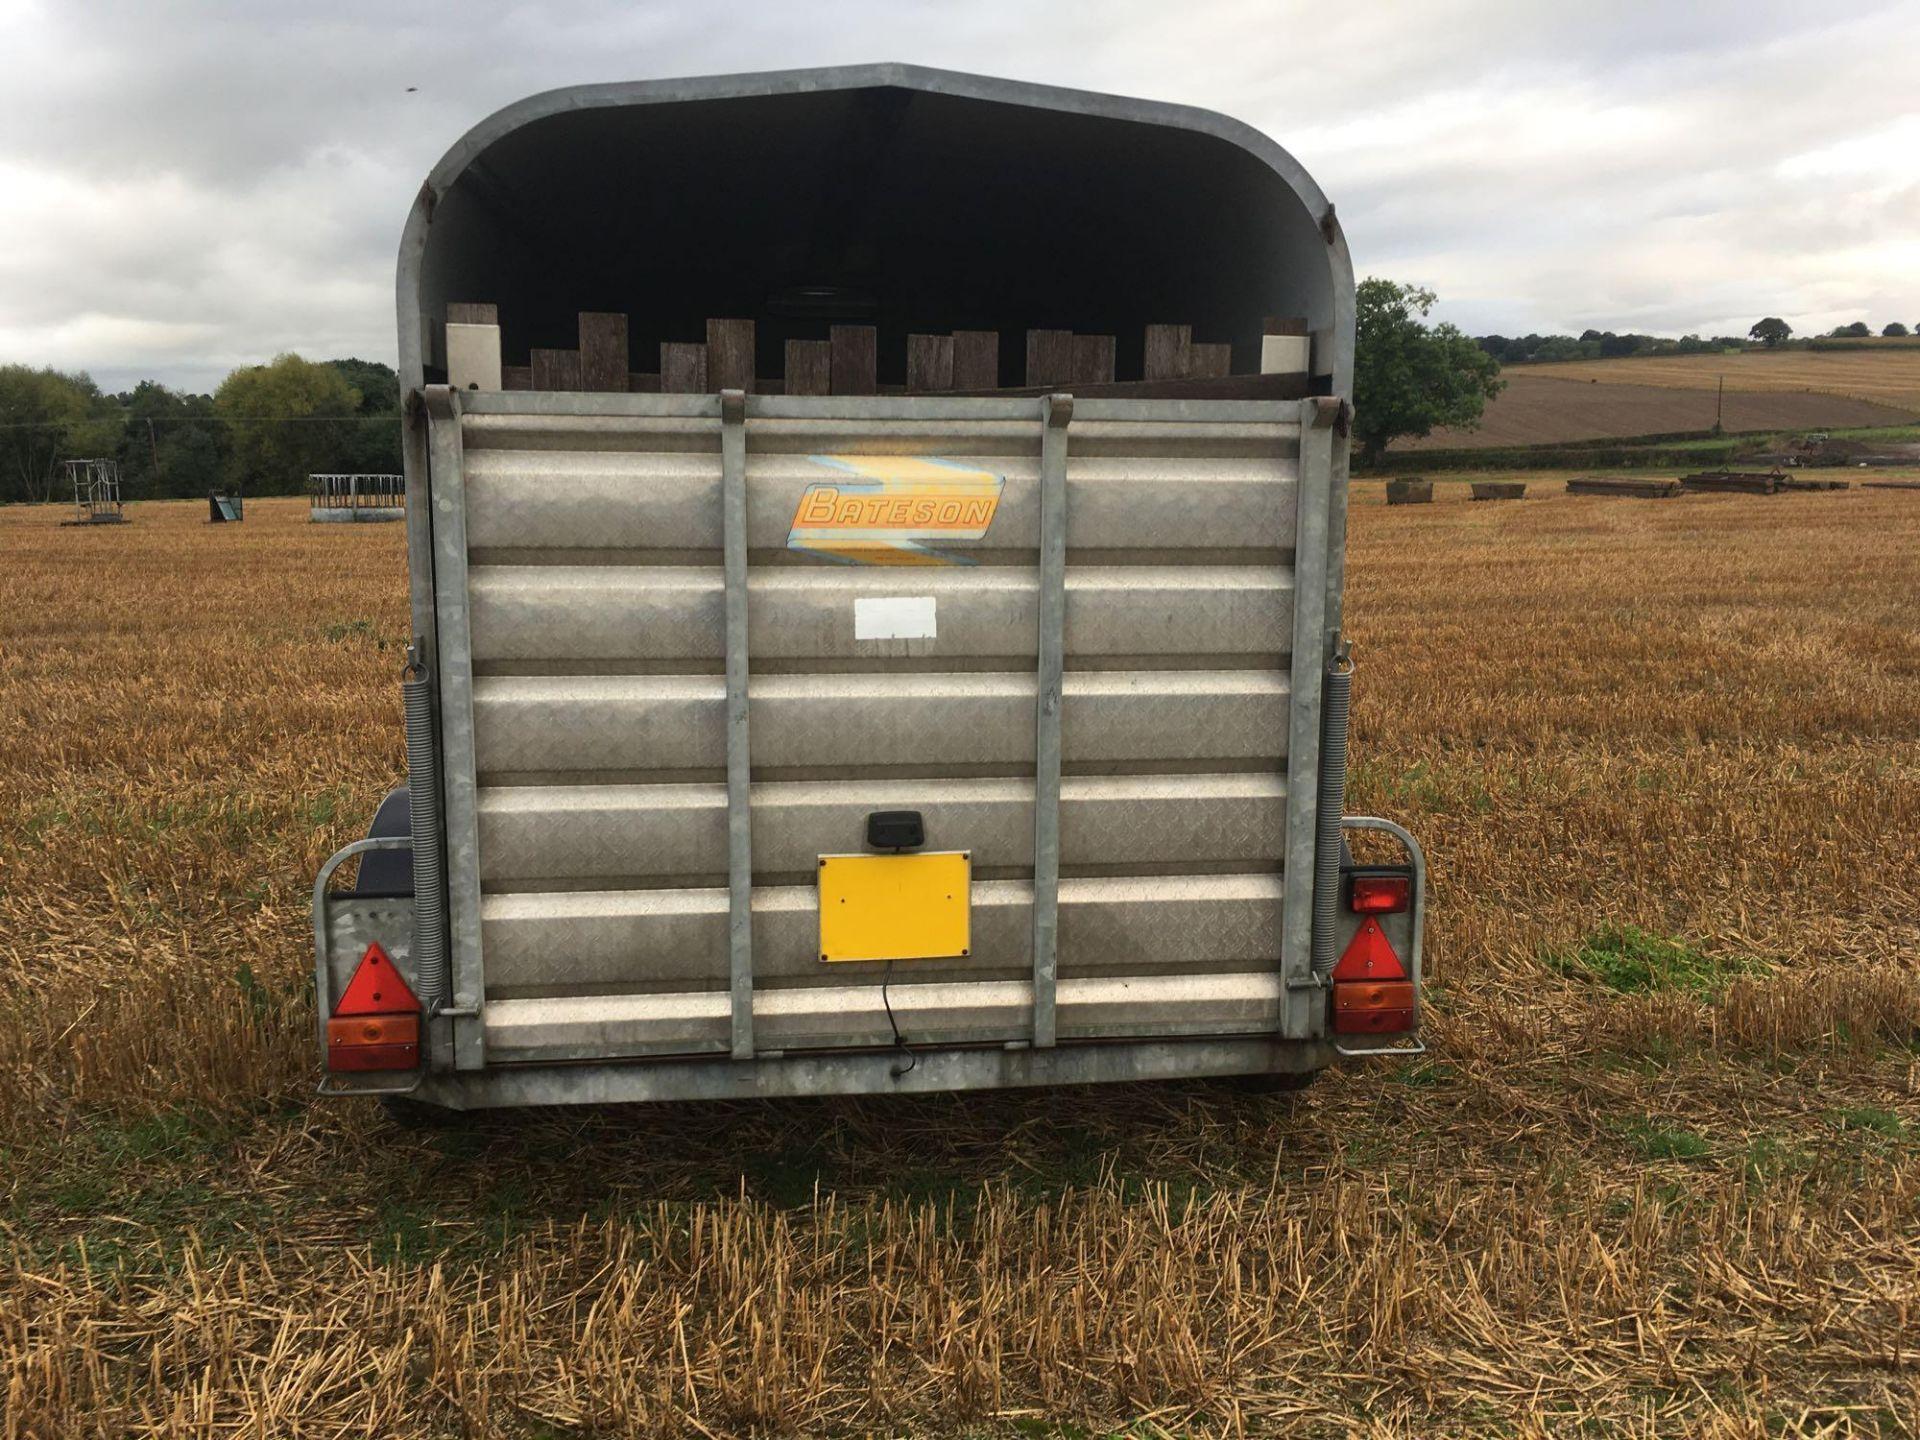 1996 Bateson Trailers 45LT twin axle livestock box, sprung rear door, side door, home made calf part - Image 5 of 14